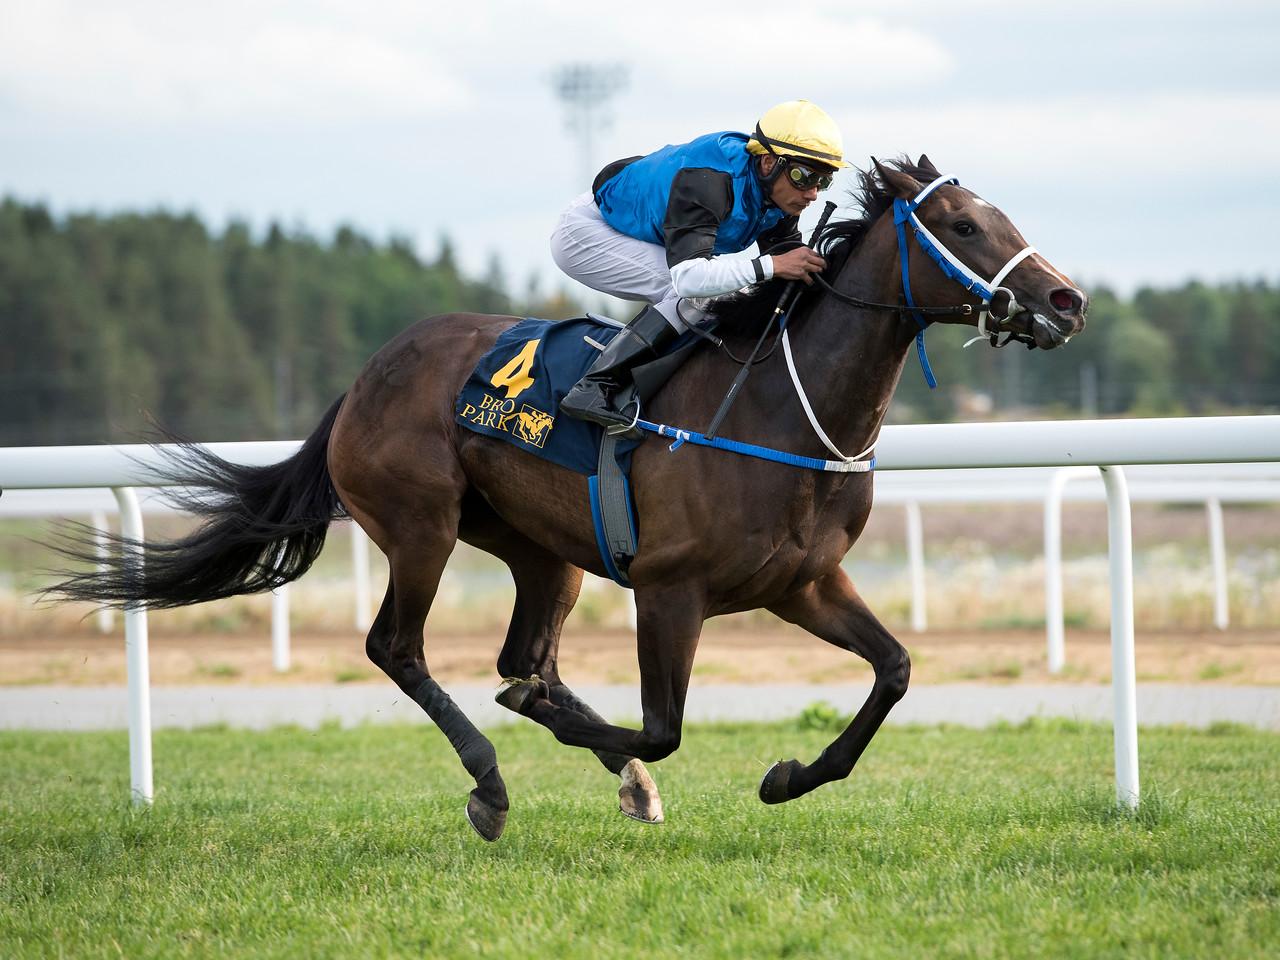 Appel Surreal vinner med Carlos Lopez  Bro Park 170724 Foto: Elina Björklund / Svensk Galopp